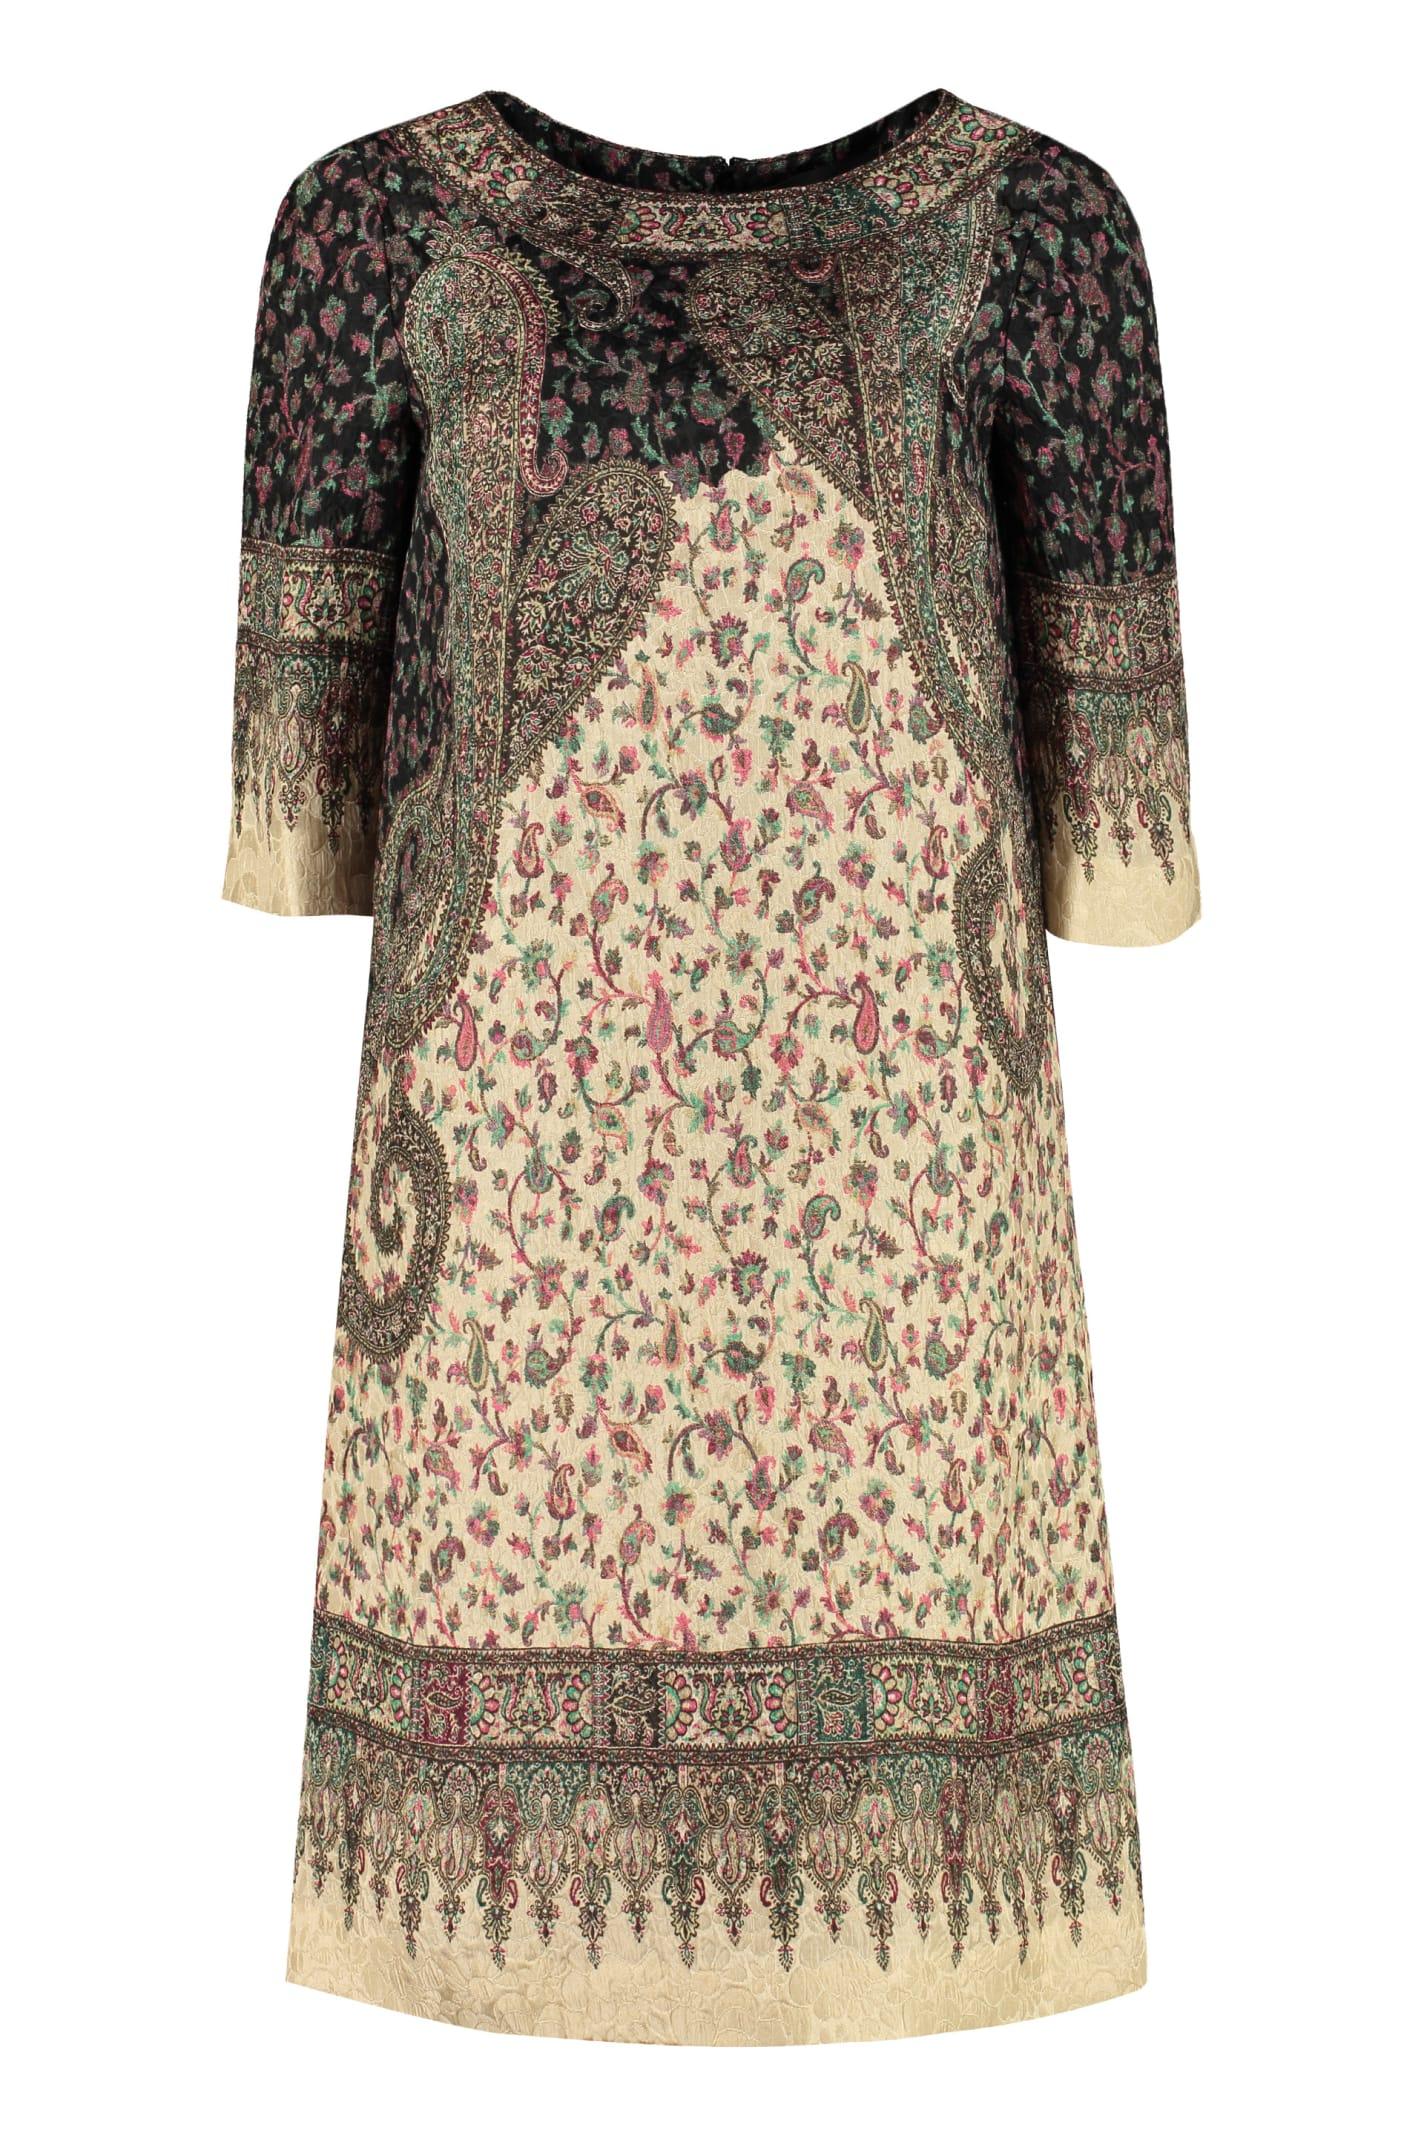 Etro Paisley Tunic Dress